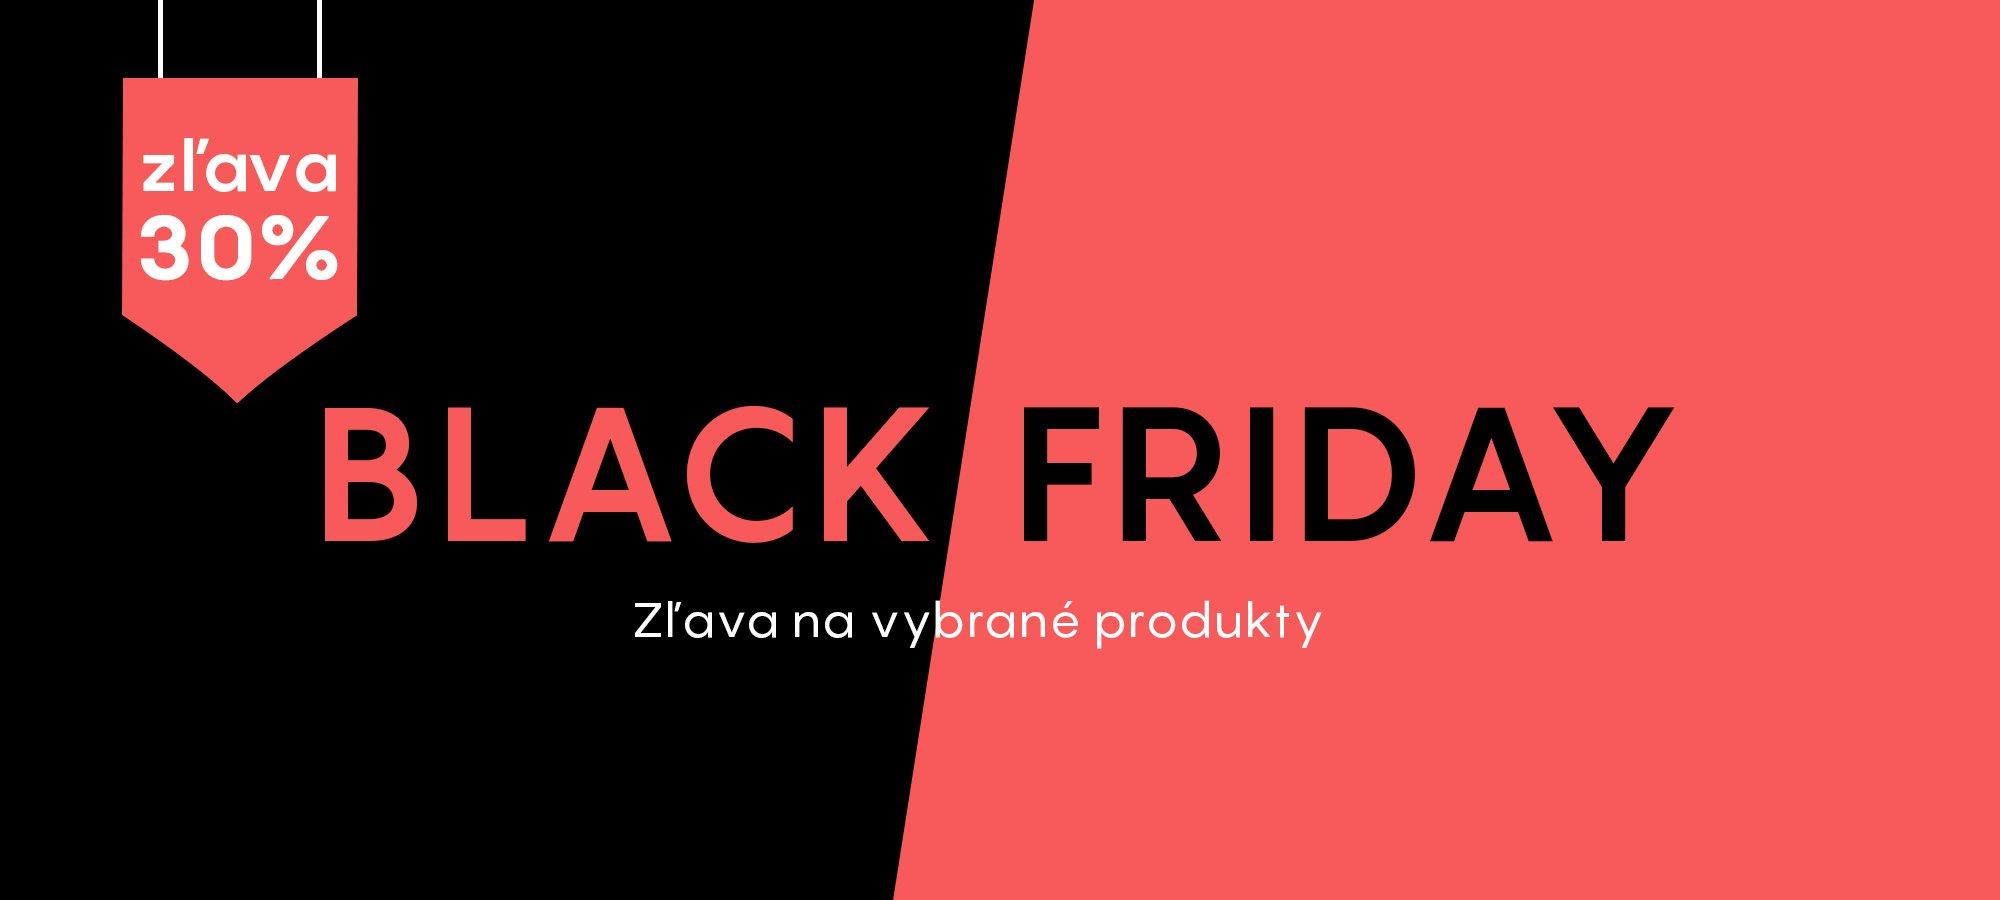 Black Friday Pancier.sk